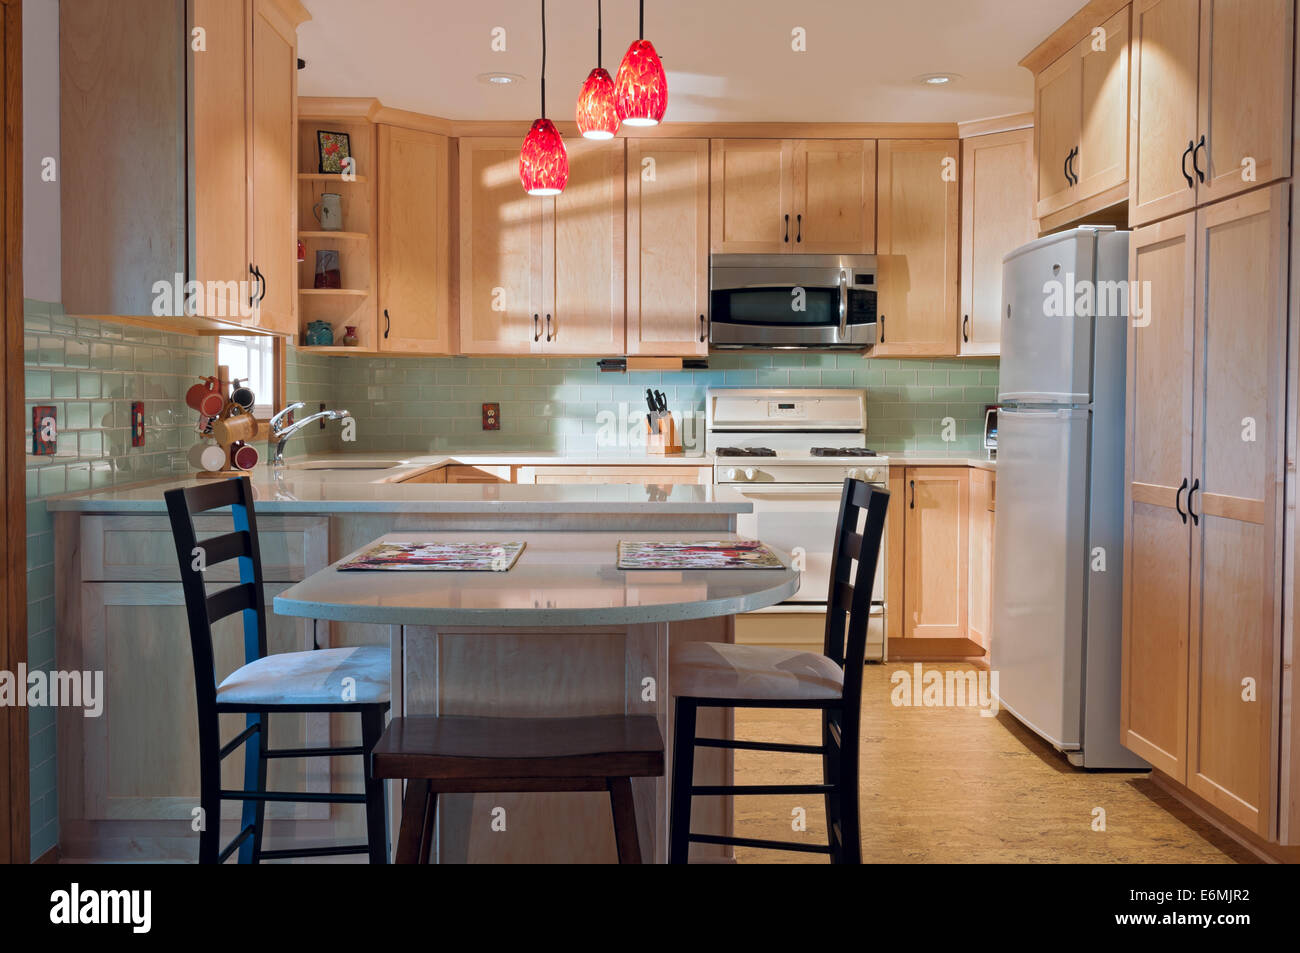 Neu Renovierte Küche Interieur Mit Kork Böden Ahorn Schränke Und Glas Fliesen  Backsplash